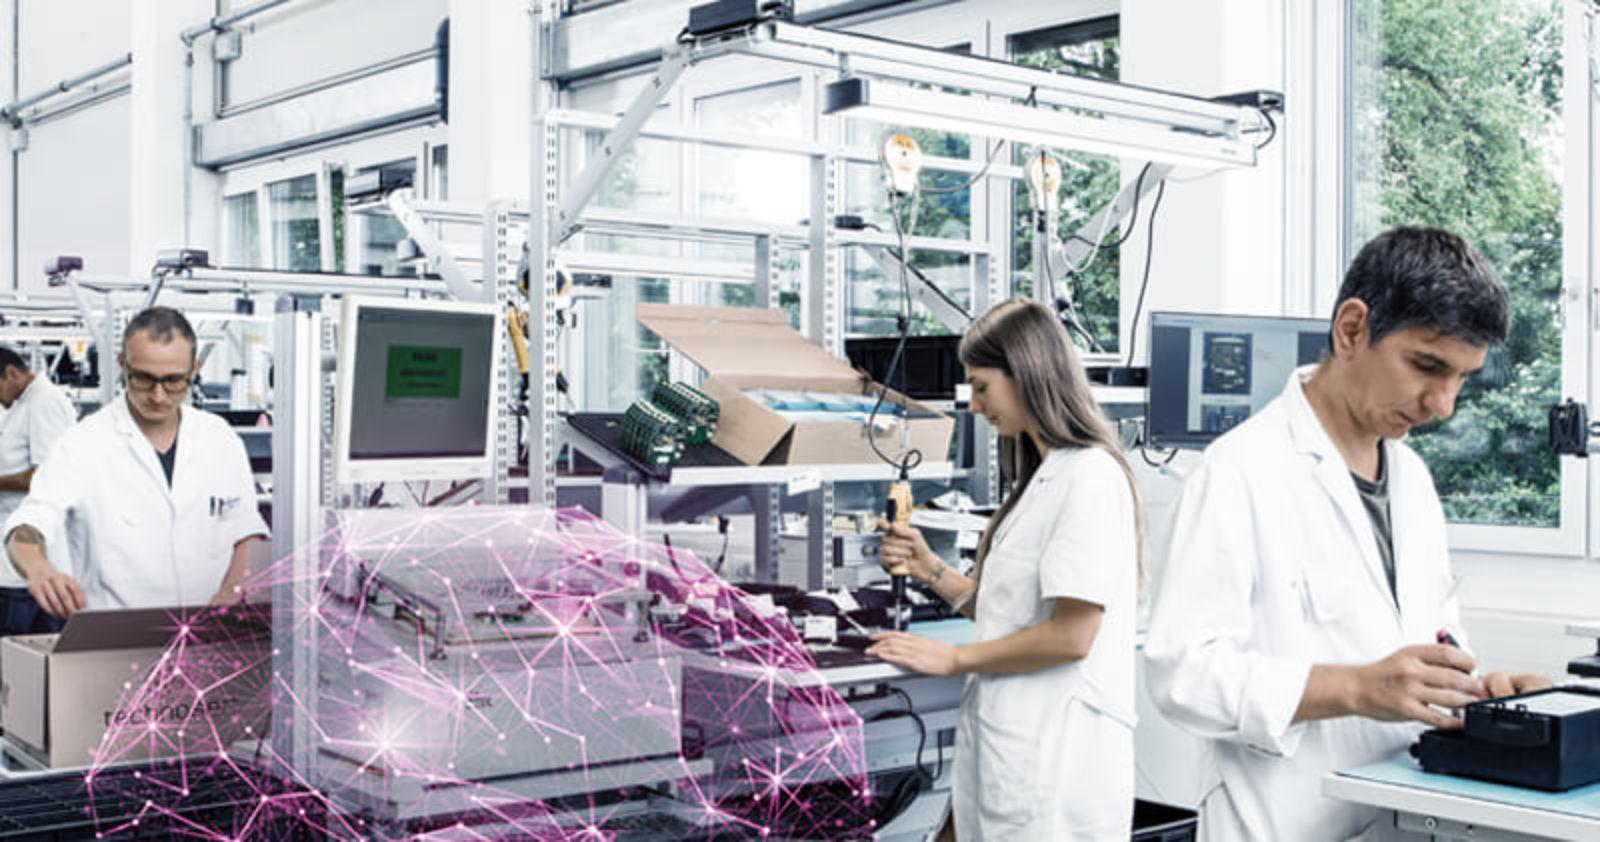 CaseStudy Assemblycenter 800x421px